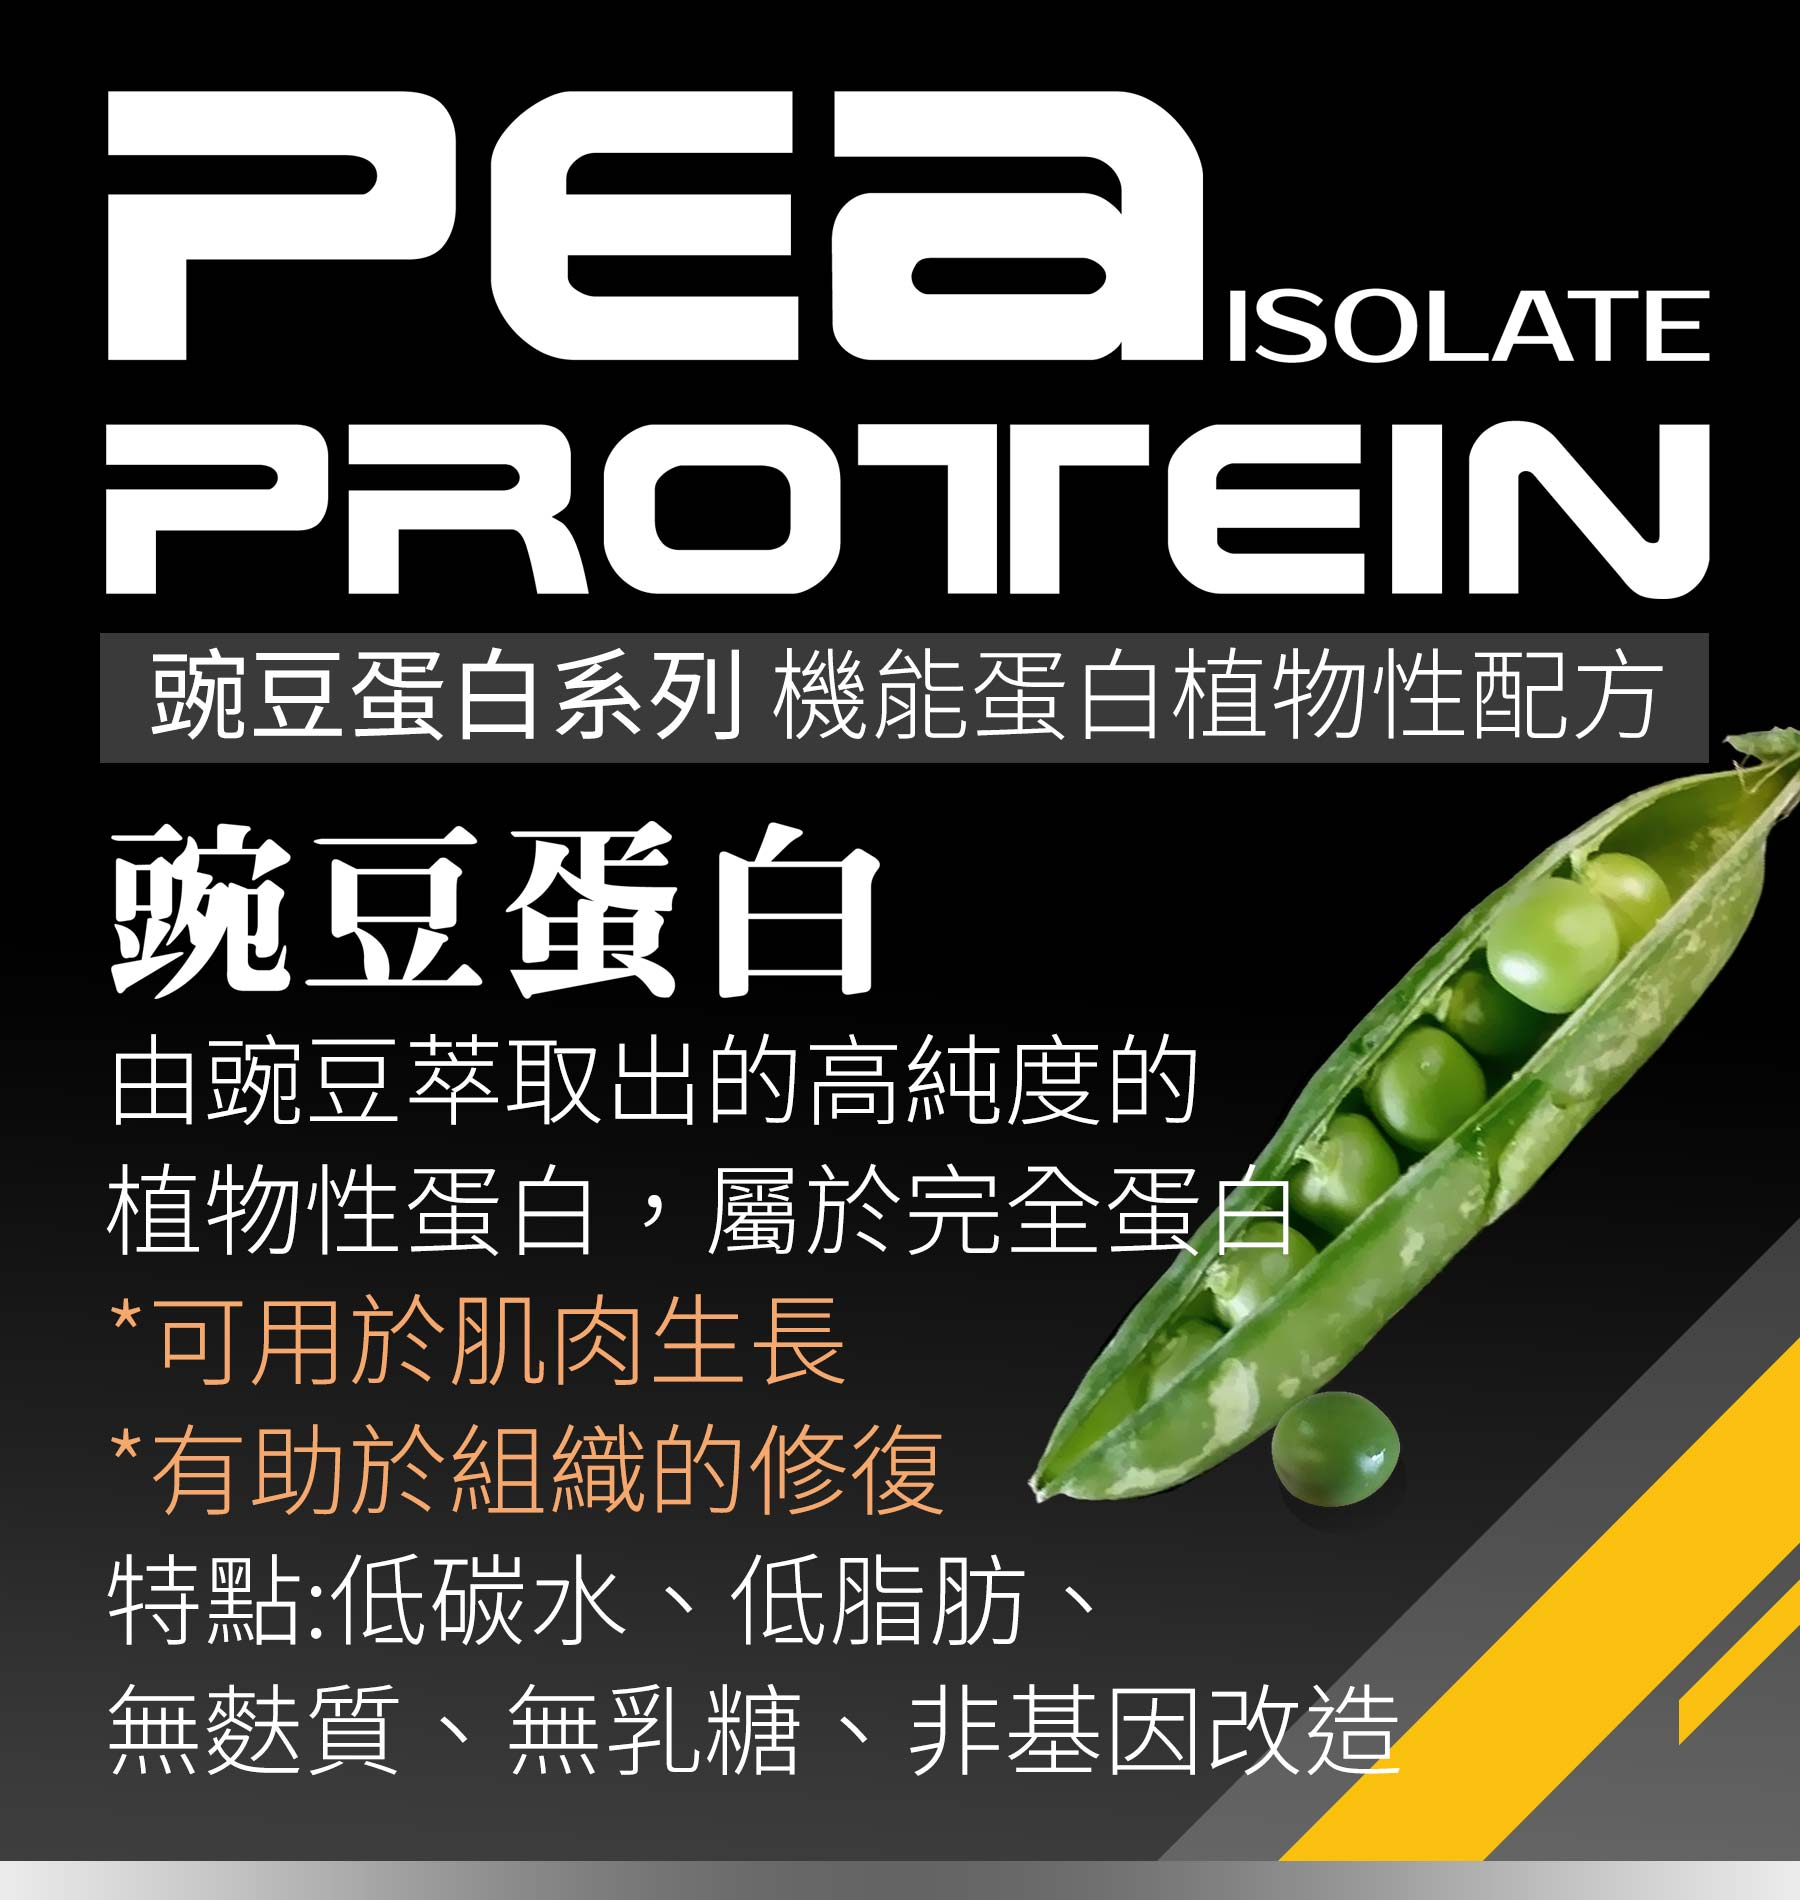 豌豆蛋白由豌豆萃取出的高純度植物性蛋白,屬於完全蛋白